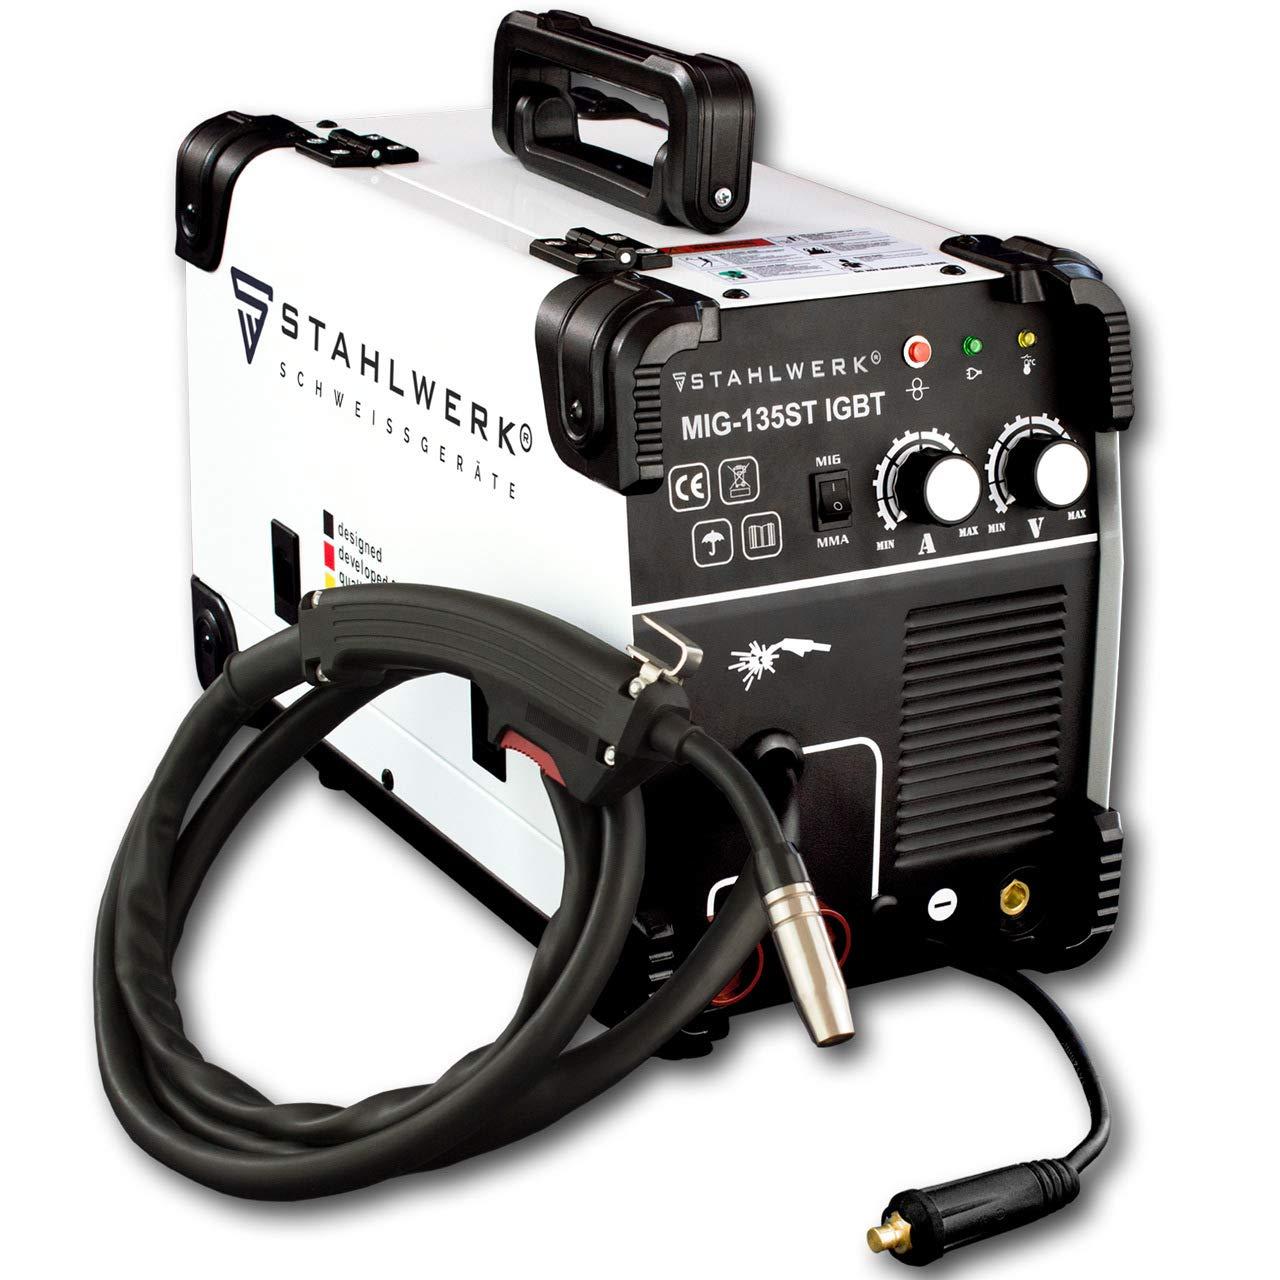 STAHLWERK MIG 135 ST IGBT - MIG MAG Schutzgas Schweiß gerä t mit 135 Ampere, FLUX Fü lldraht geeignet, mit MMA E-Hand, weiß , 5 Jahre Herstellergarantie